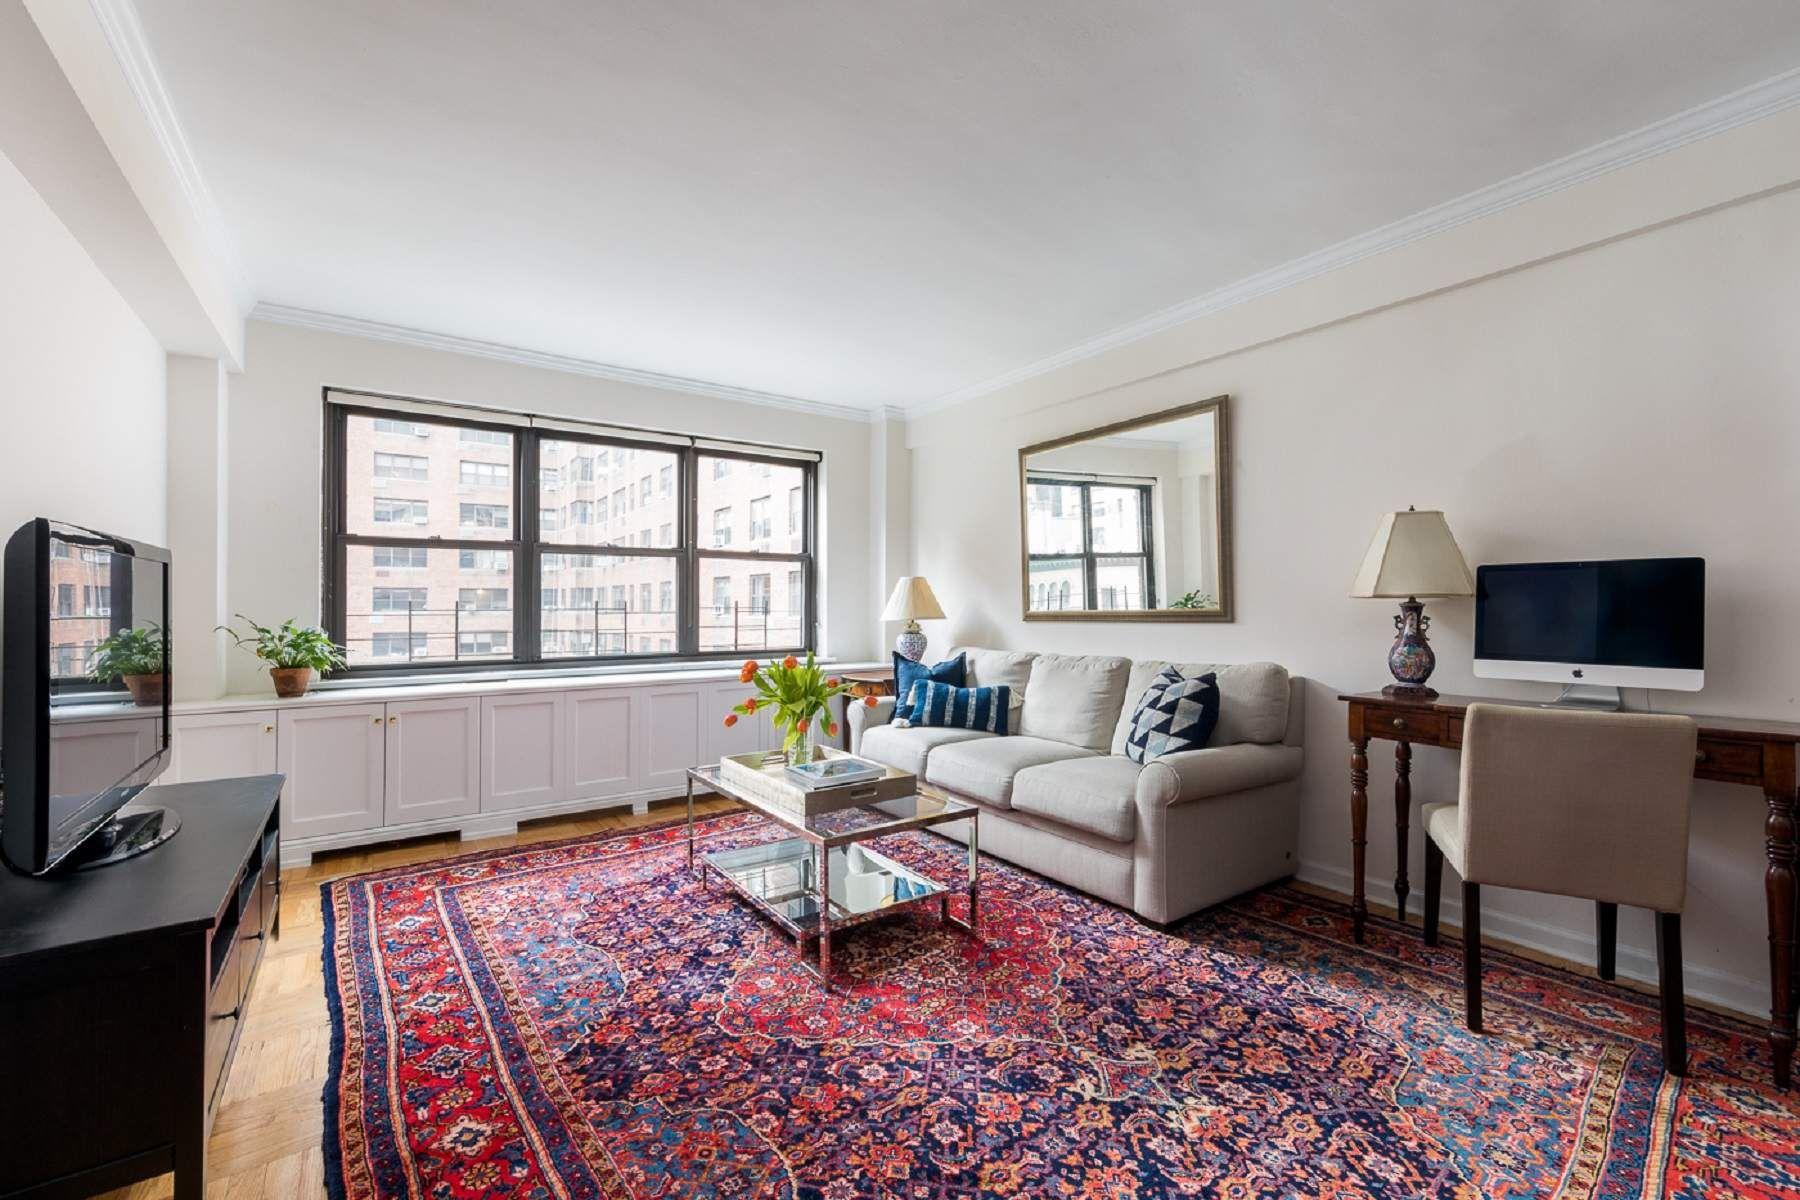 合作公寓 为 销售 在 11 Riverside Drive Apt 6BW Upper West Side, 纽约, 纽约州, 10023 美国